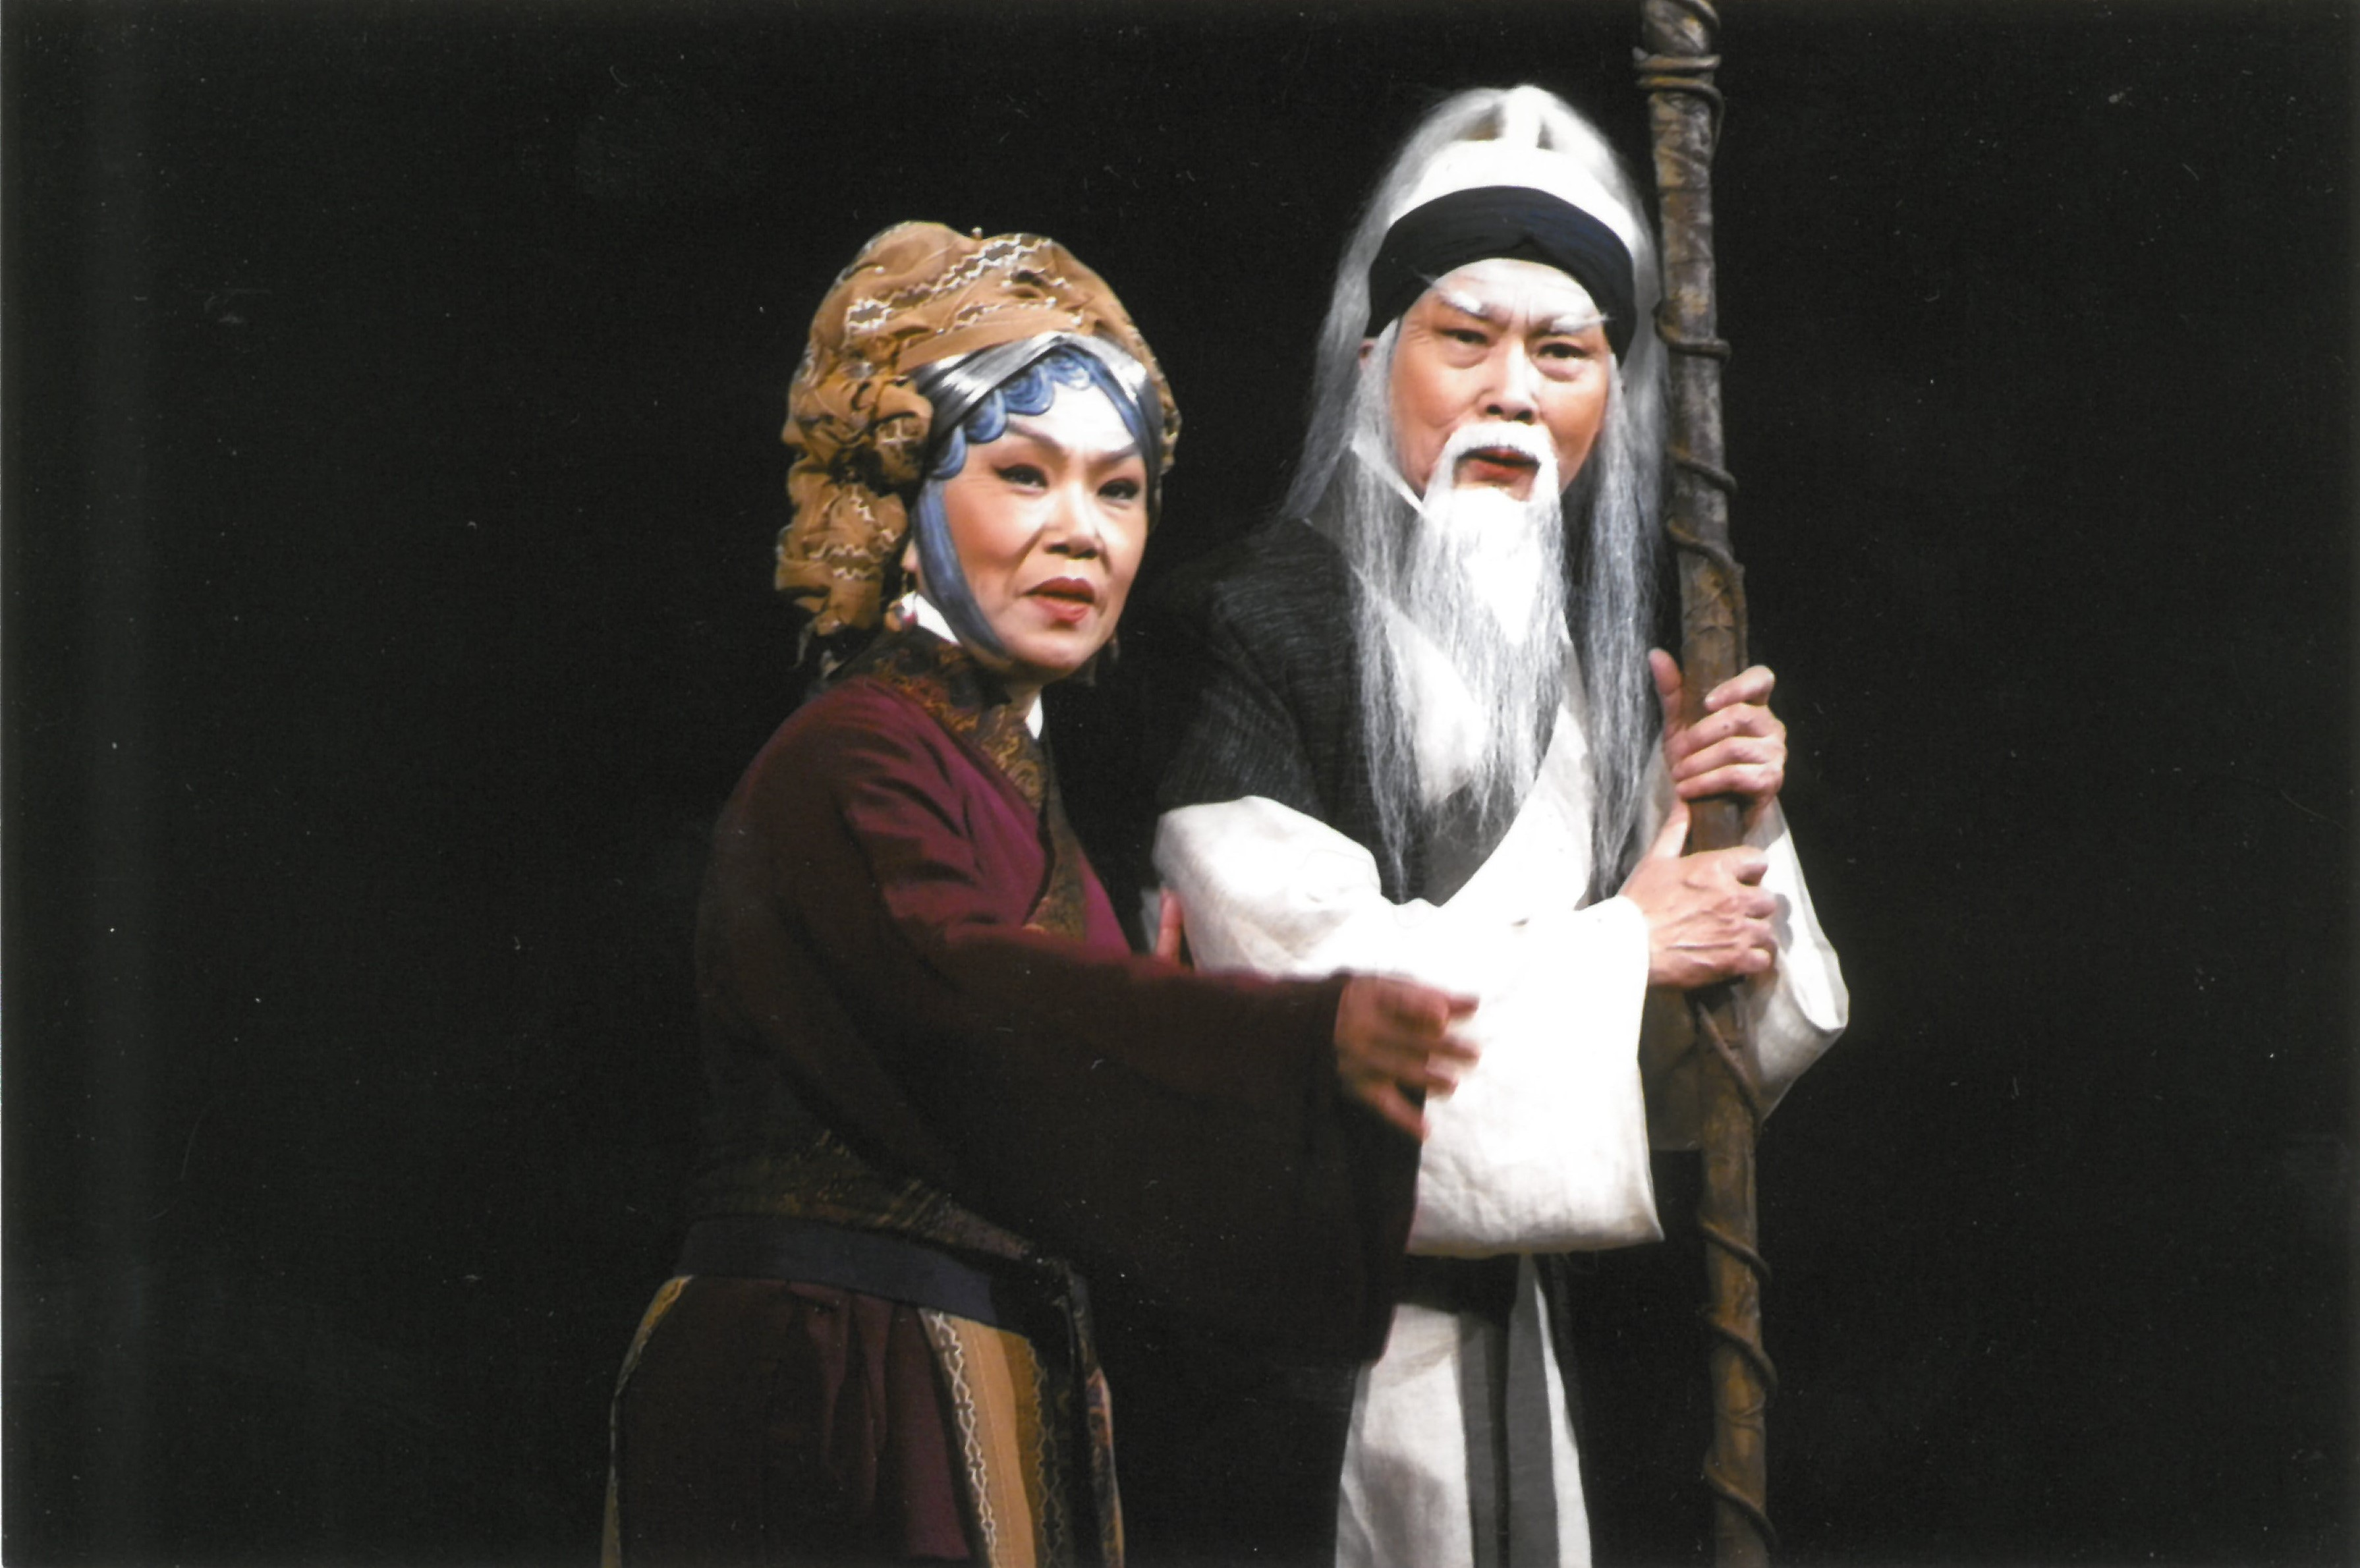 粵劇紅伶文千歲及梁少芯於2010年打造粵劇《挪亞方舟》,被譽為開創戲曲先河。